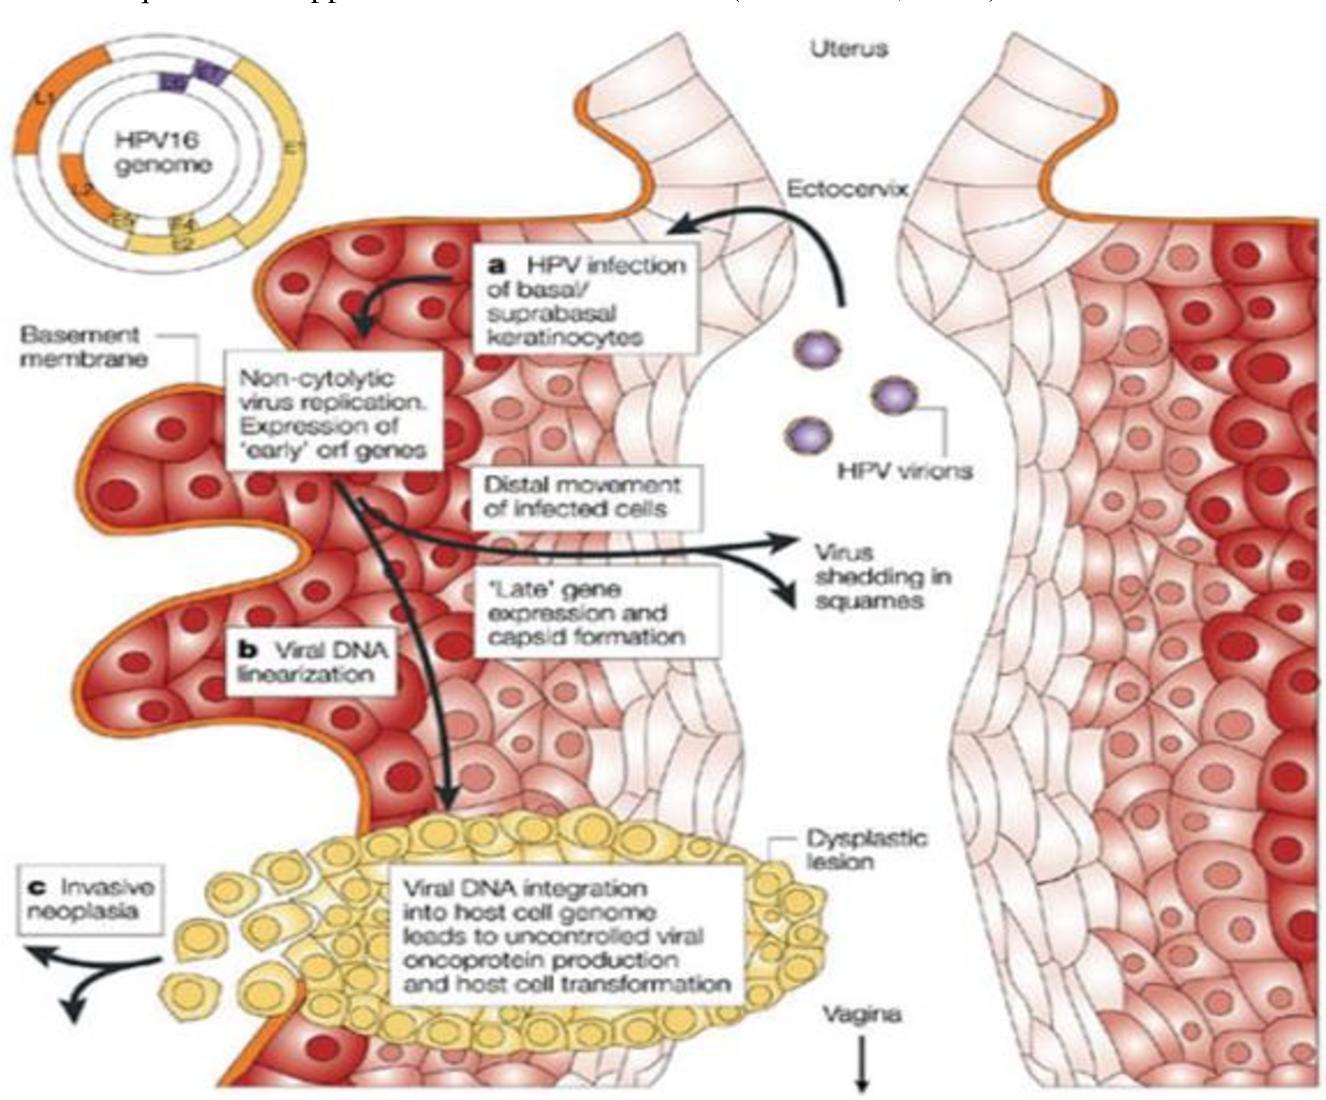 cancer de col uterin genetic)